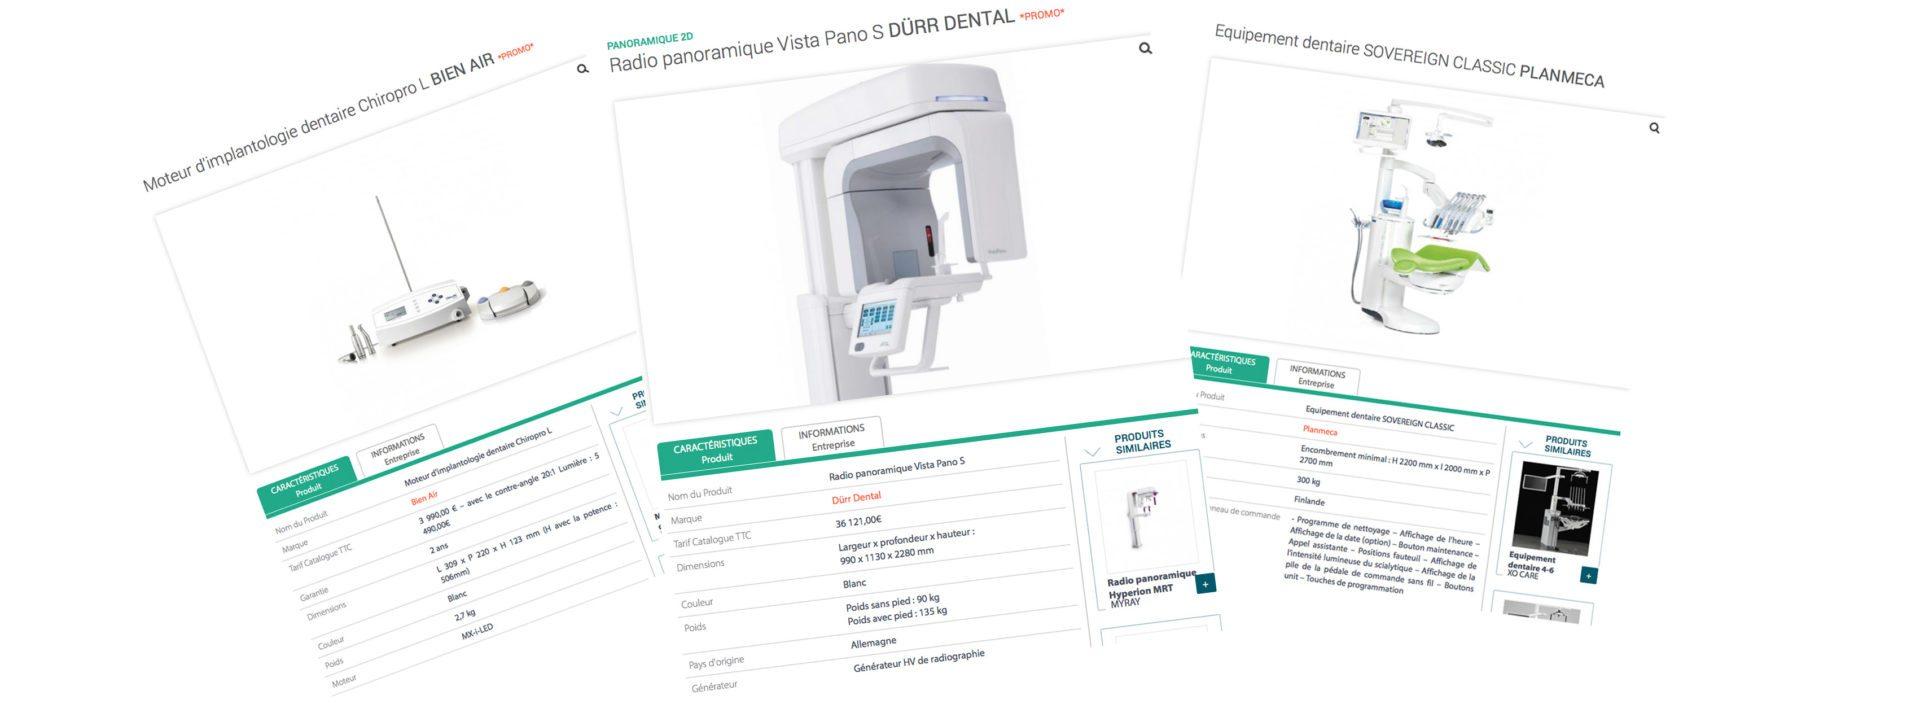 Base de données francophone equipements dentaires